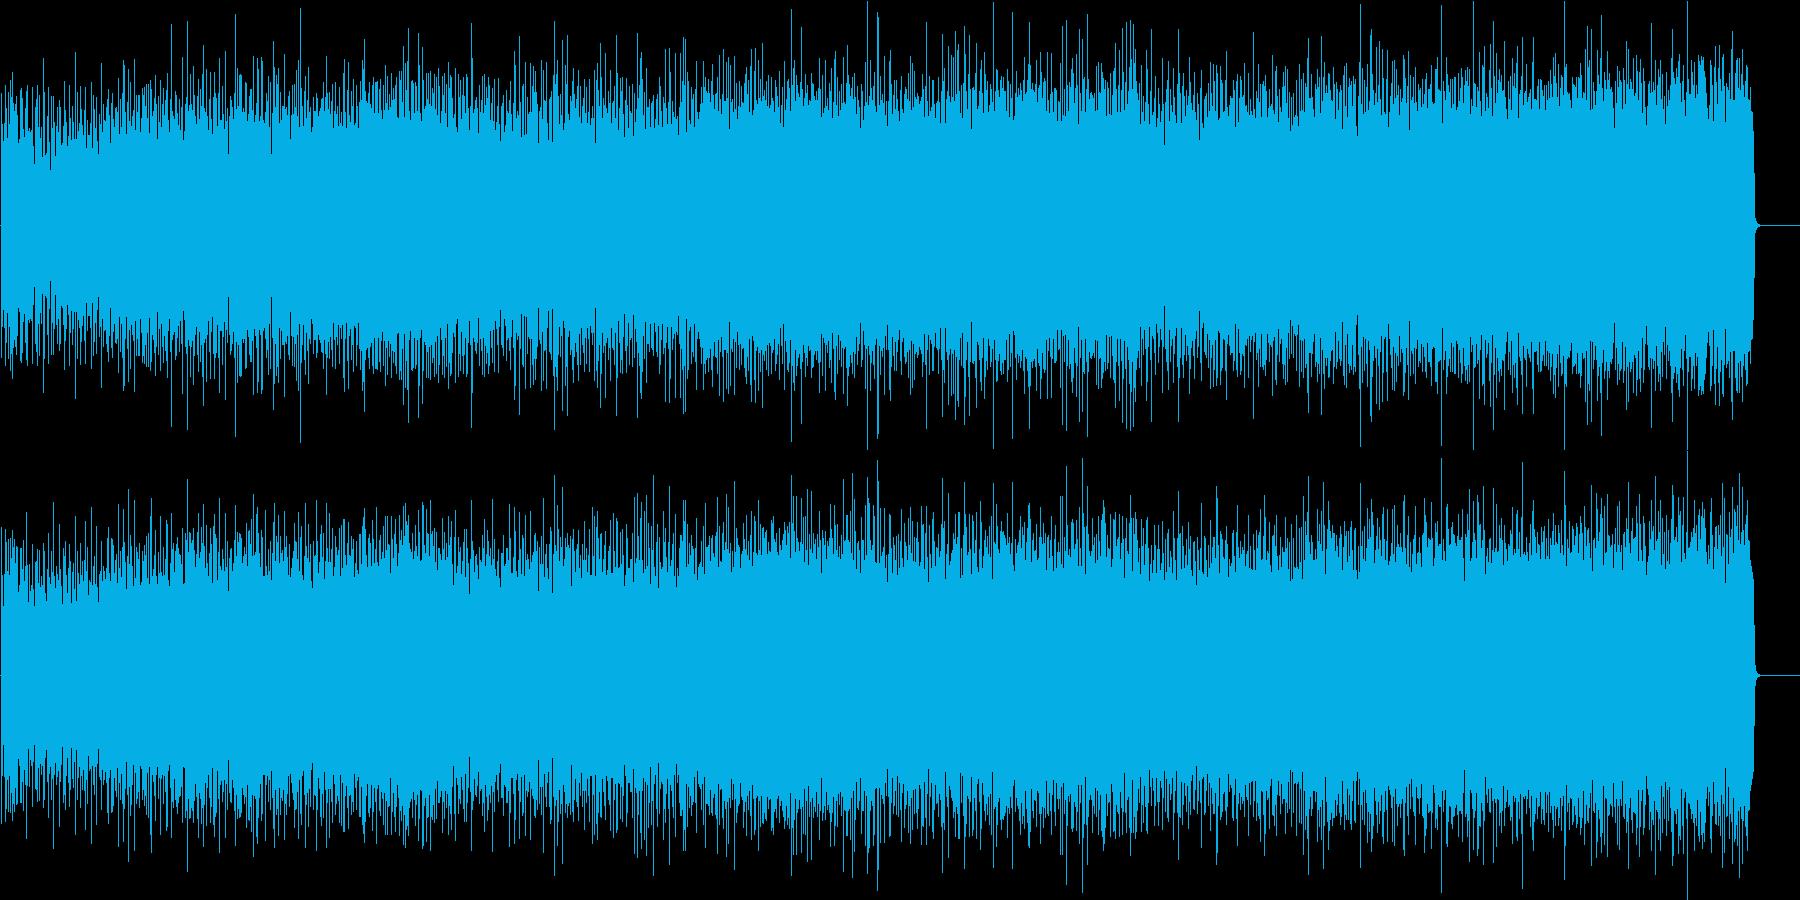 パワフルでストレートなロック/ハードの再生済みの波形